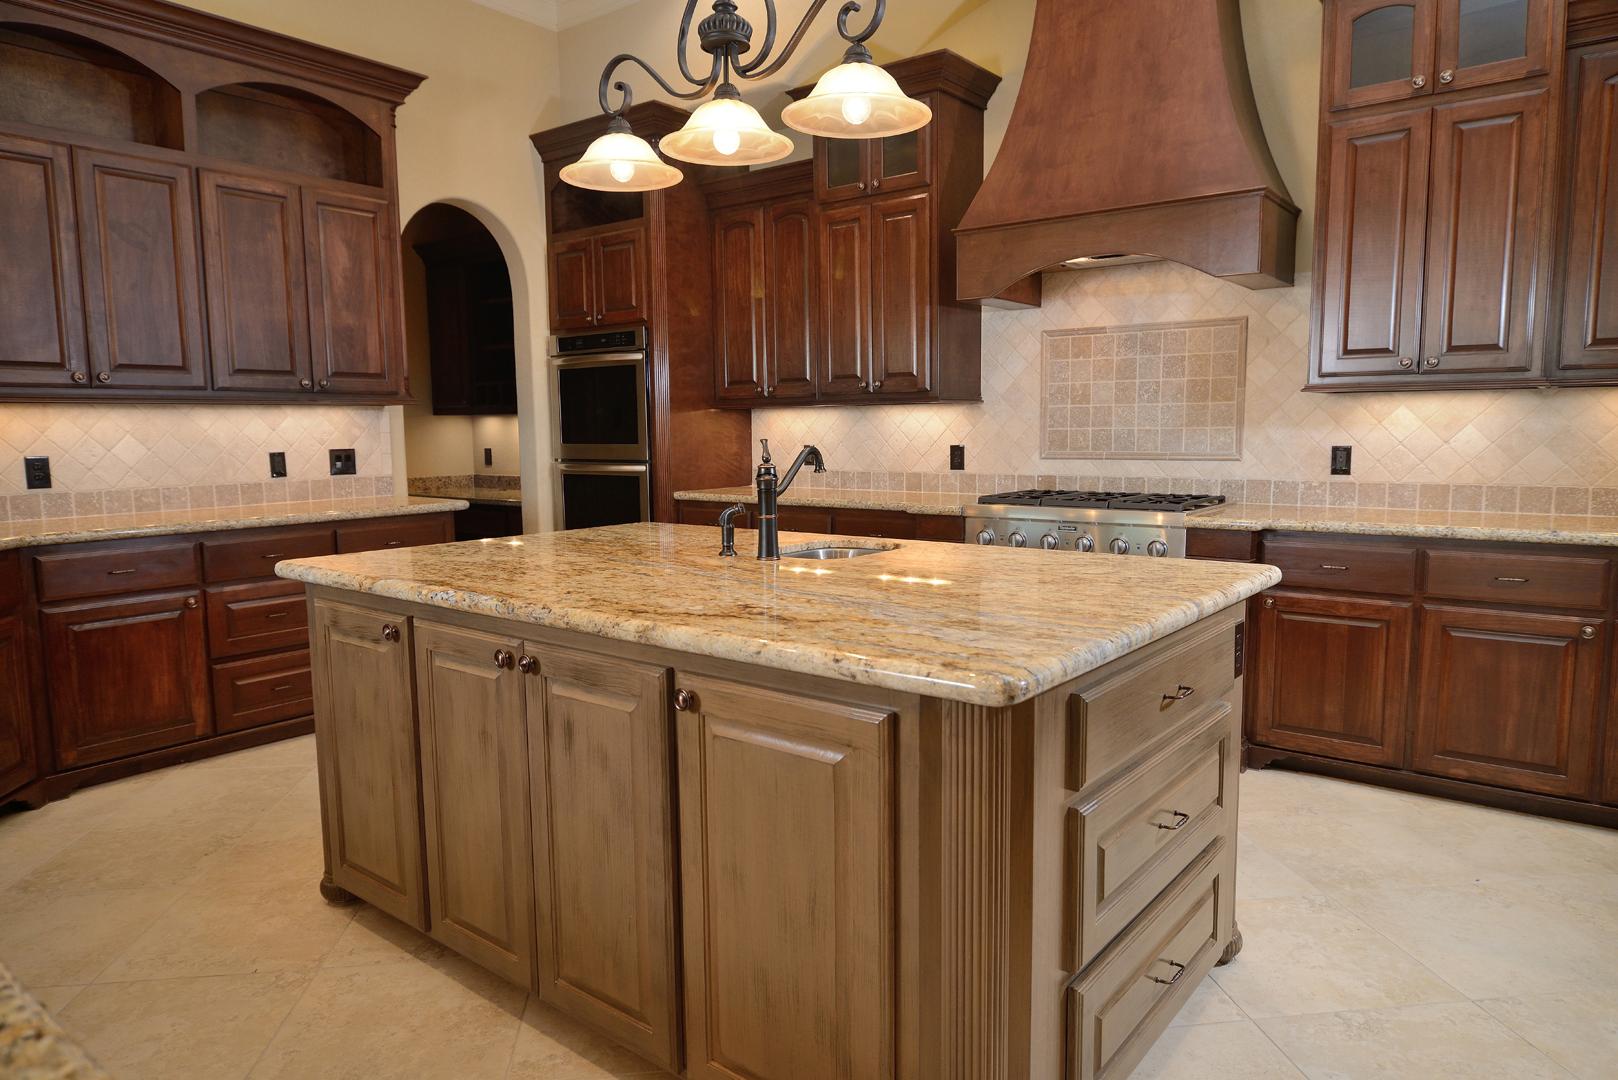 kitchen_15_TL1.jpg